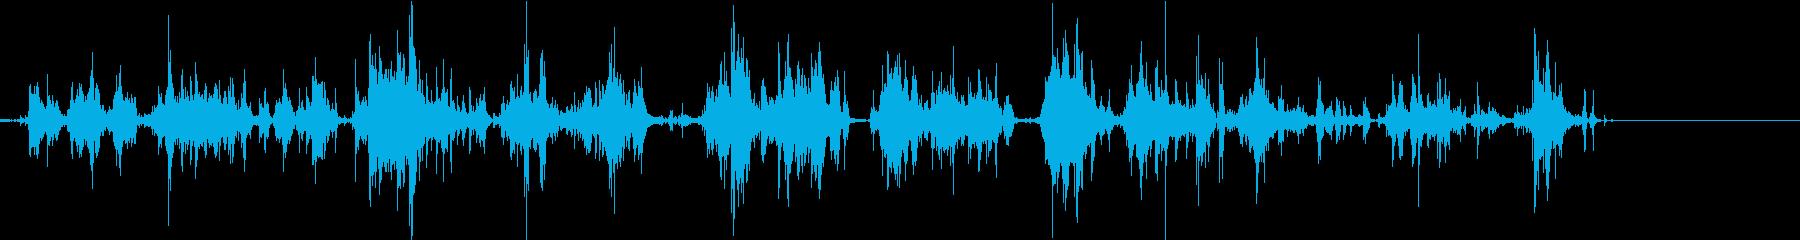 ジャラジャラ(小銭)の再生済みの波形